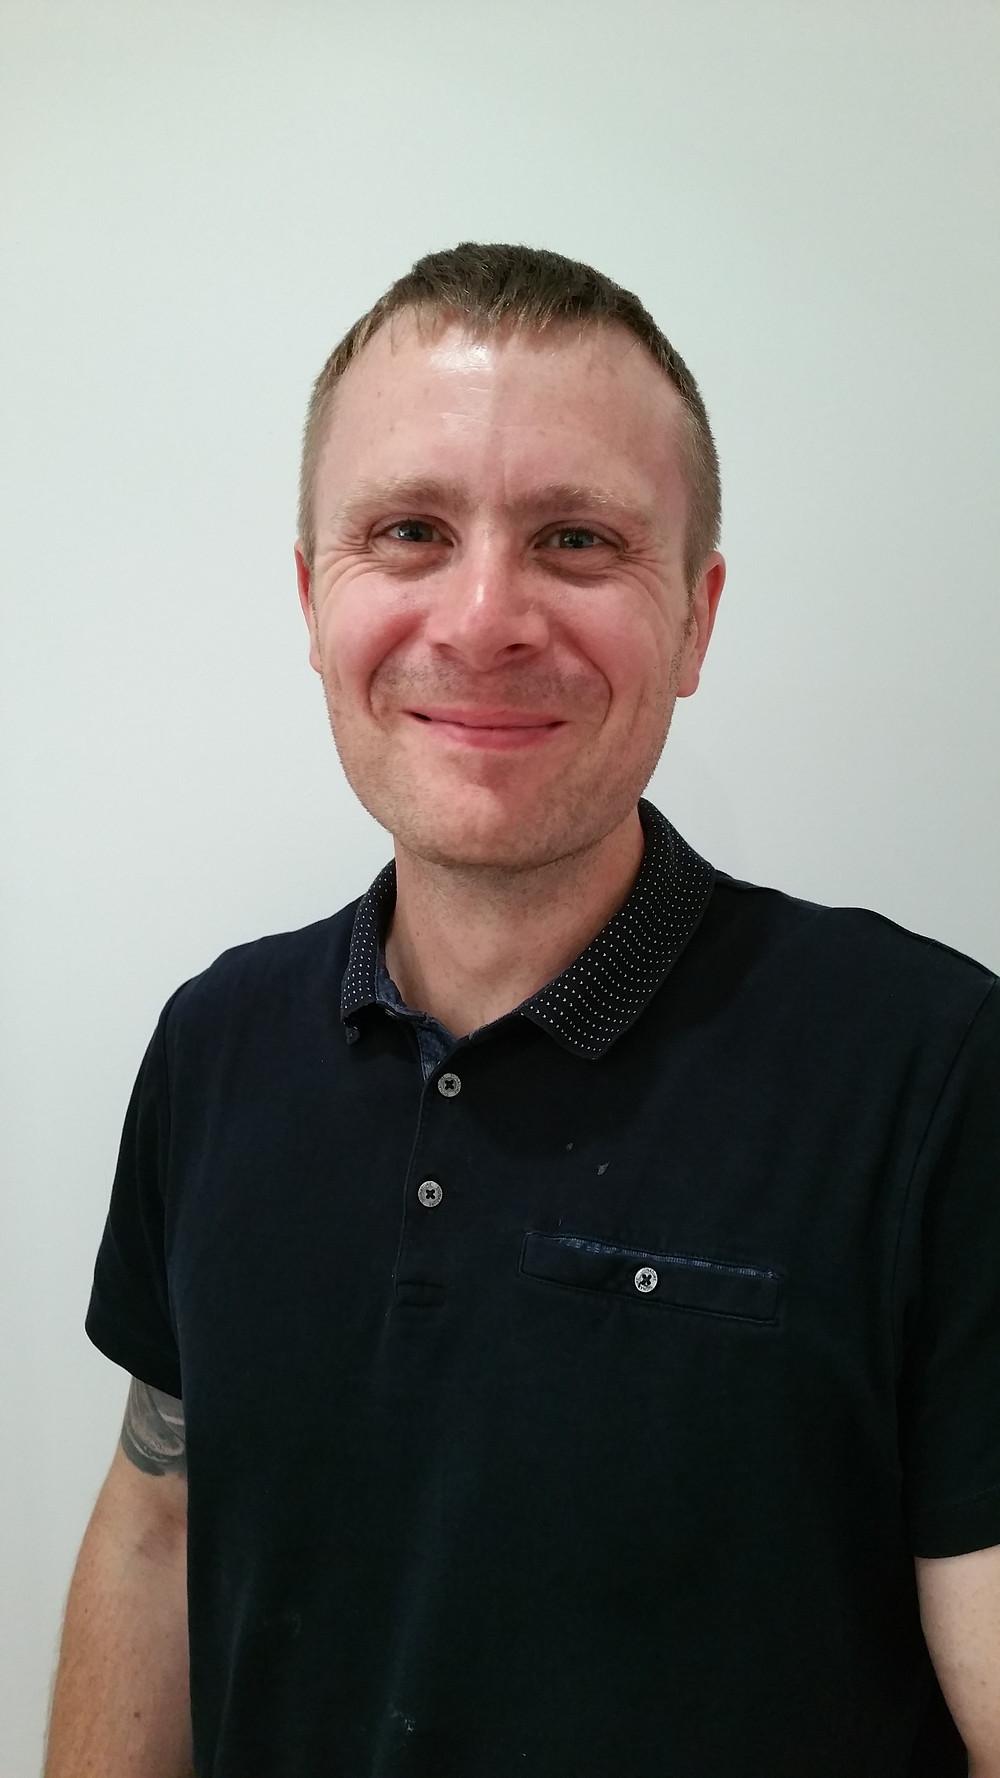 Photo of Dan smiling. Dan is wearing a black shirt and has short hair.